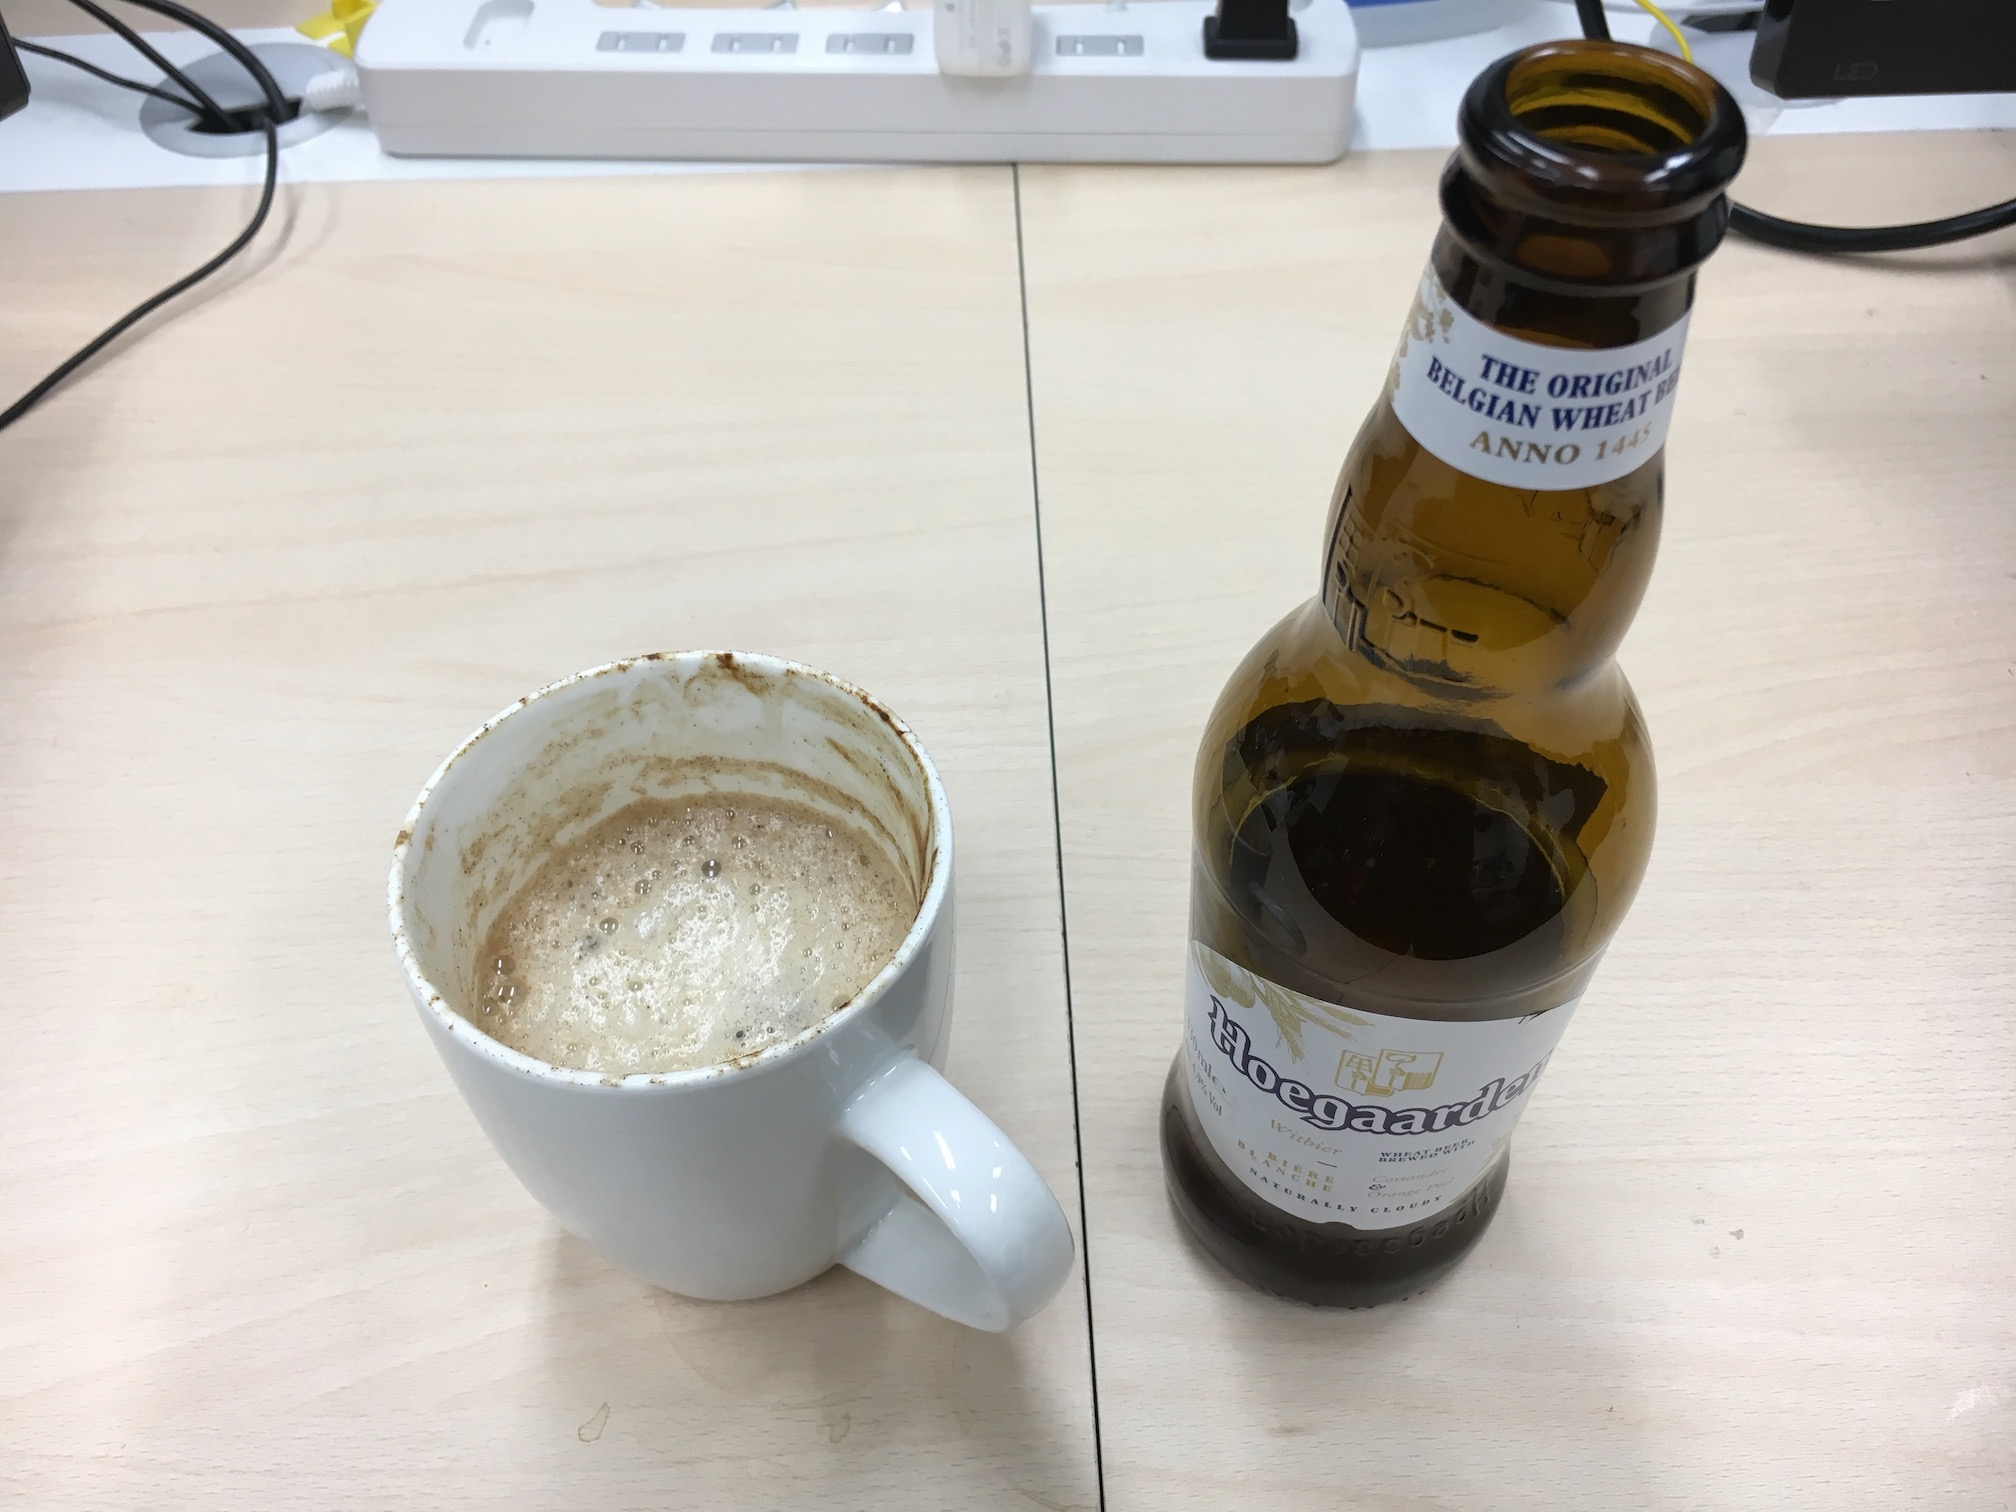 ホワイトビールを使ったホットビール